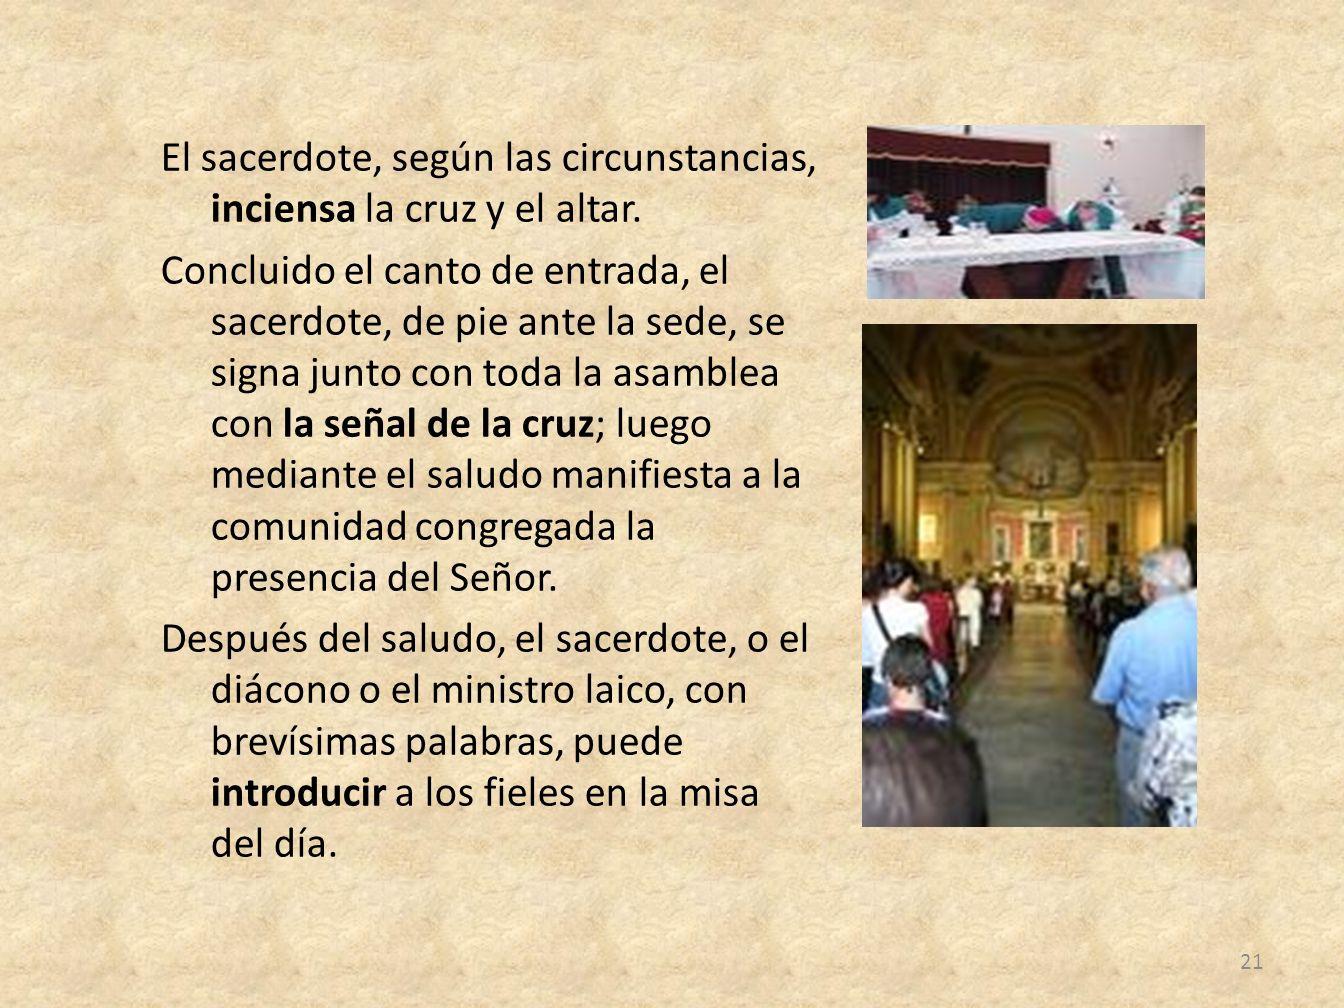 El sacerdote, según las circunstancias, inciensa la cruz y el altar